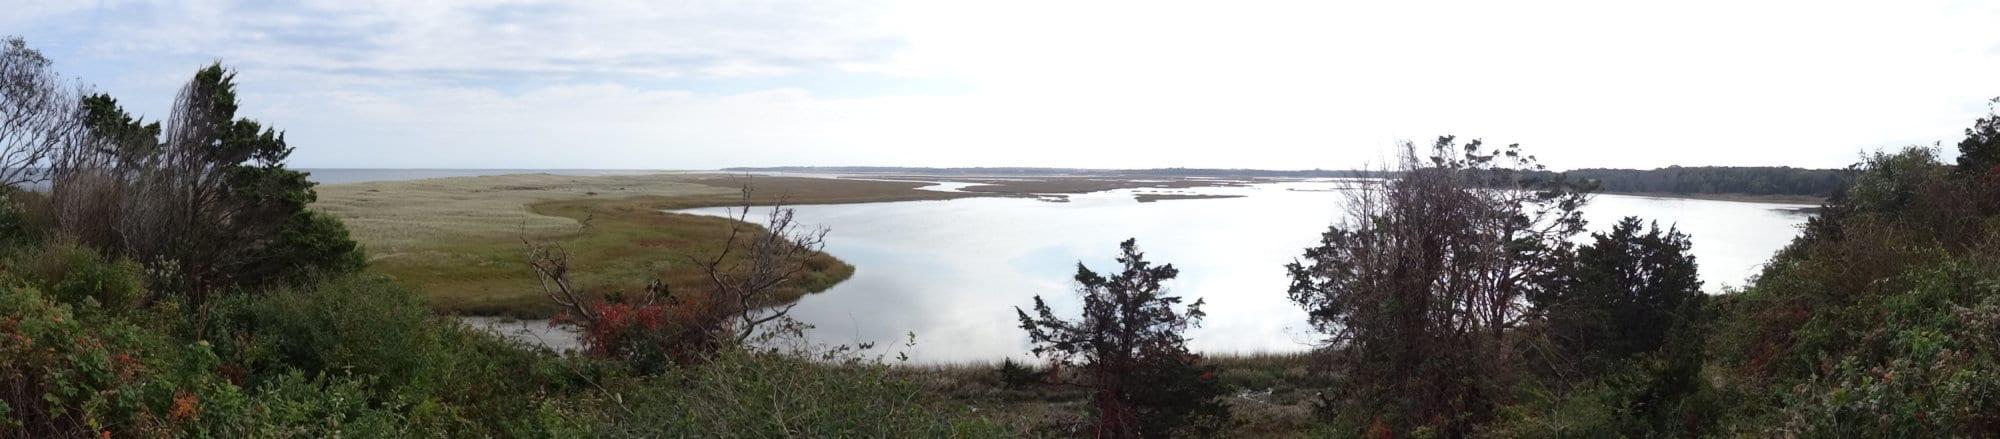 Les étangs de Cape Cod